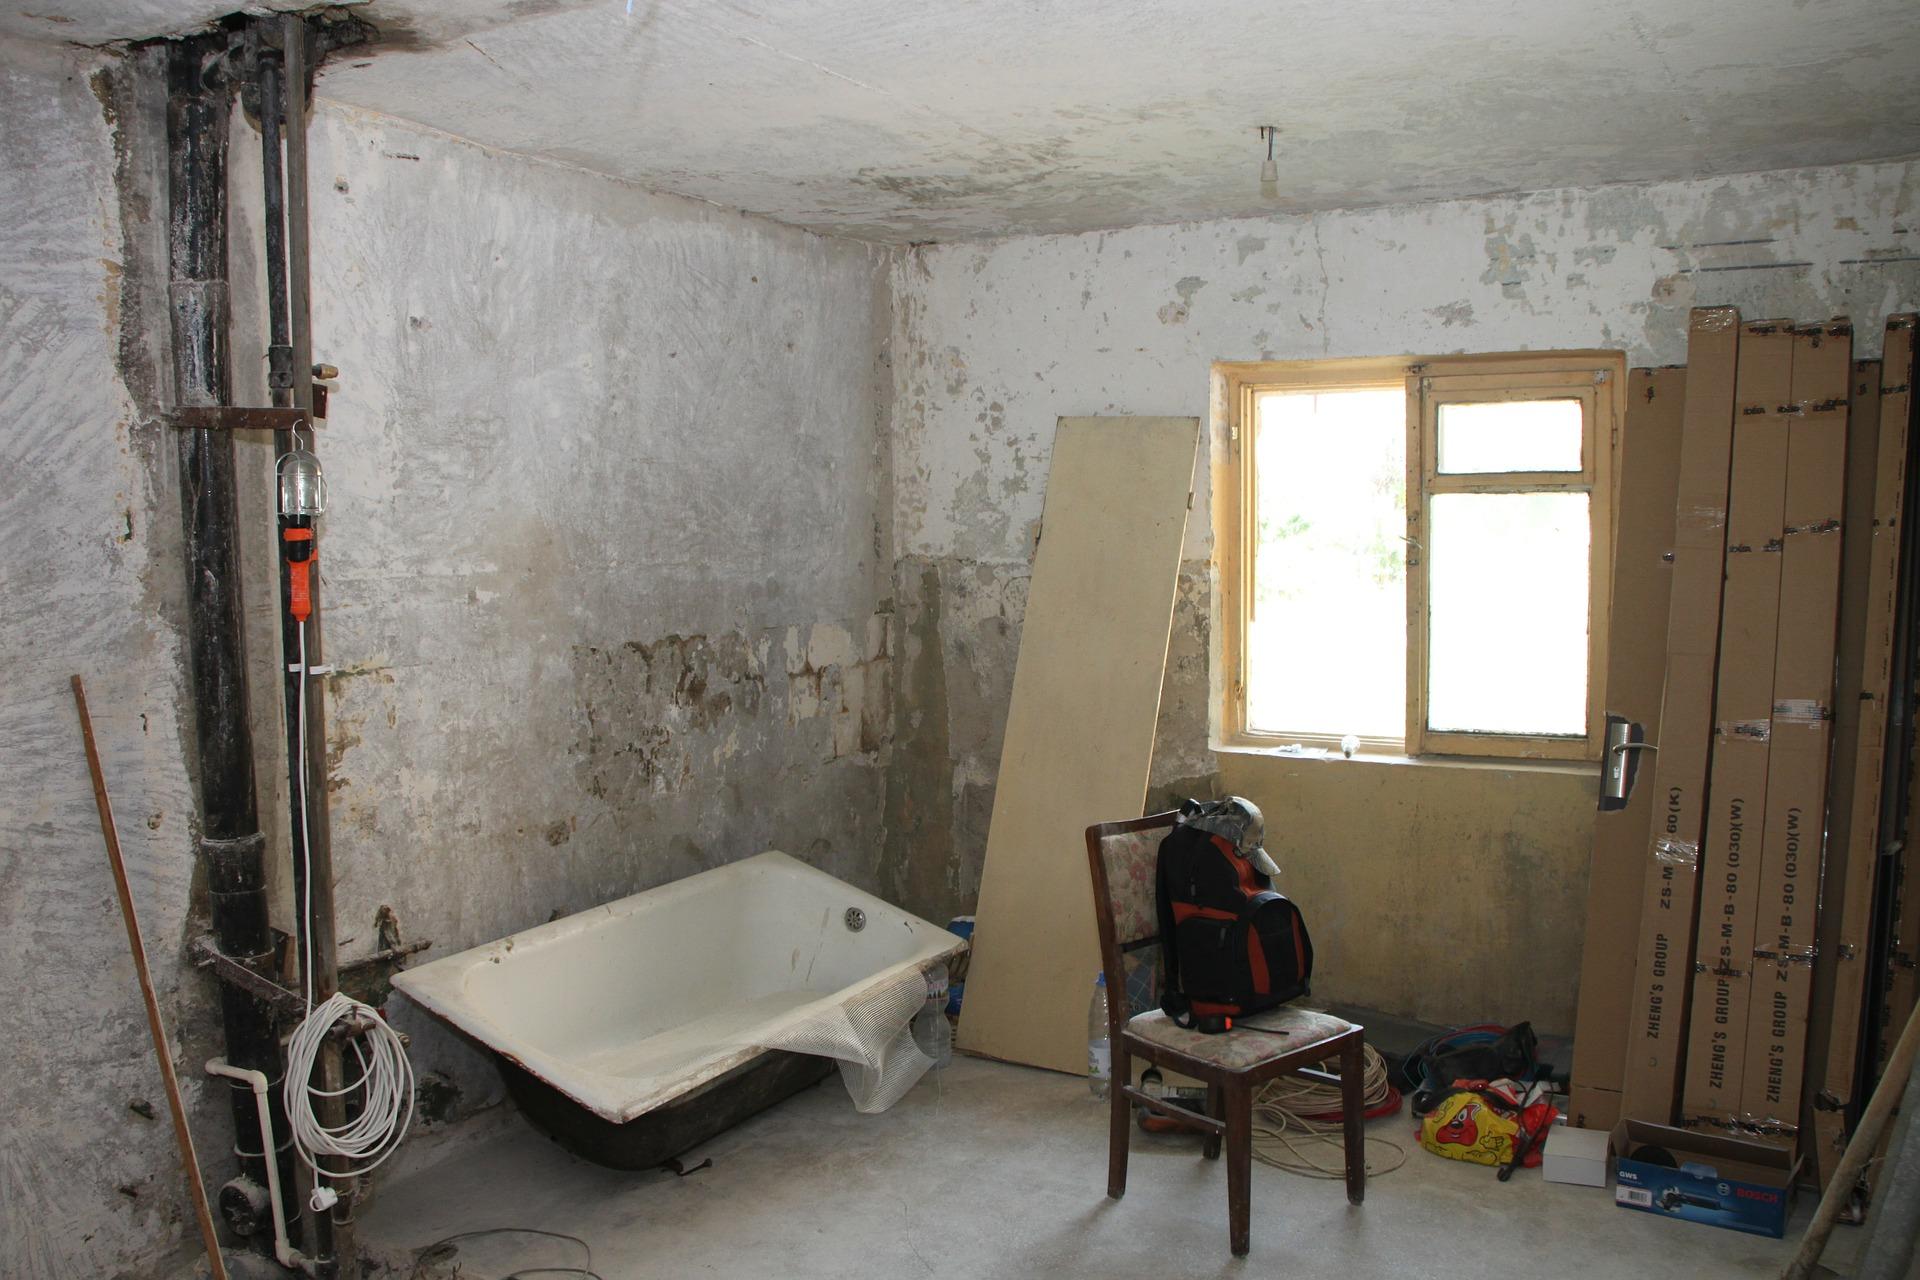 Quanto Costa Un Impianto Di Riscaldamento A Pavimento Al Mq quanto costa ristrutturare casa?blog sim immobiliare novara